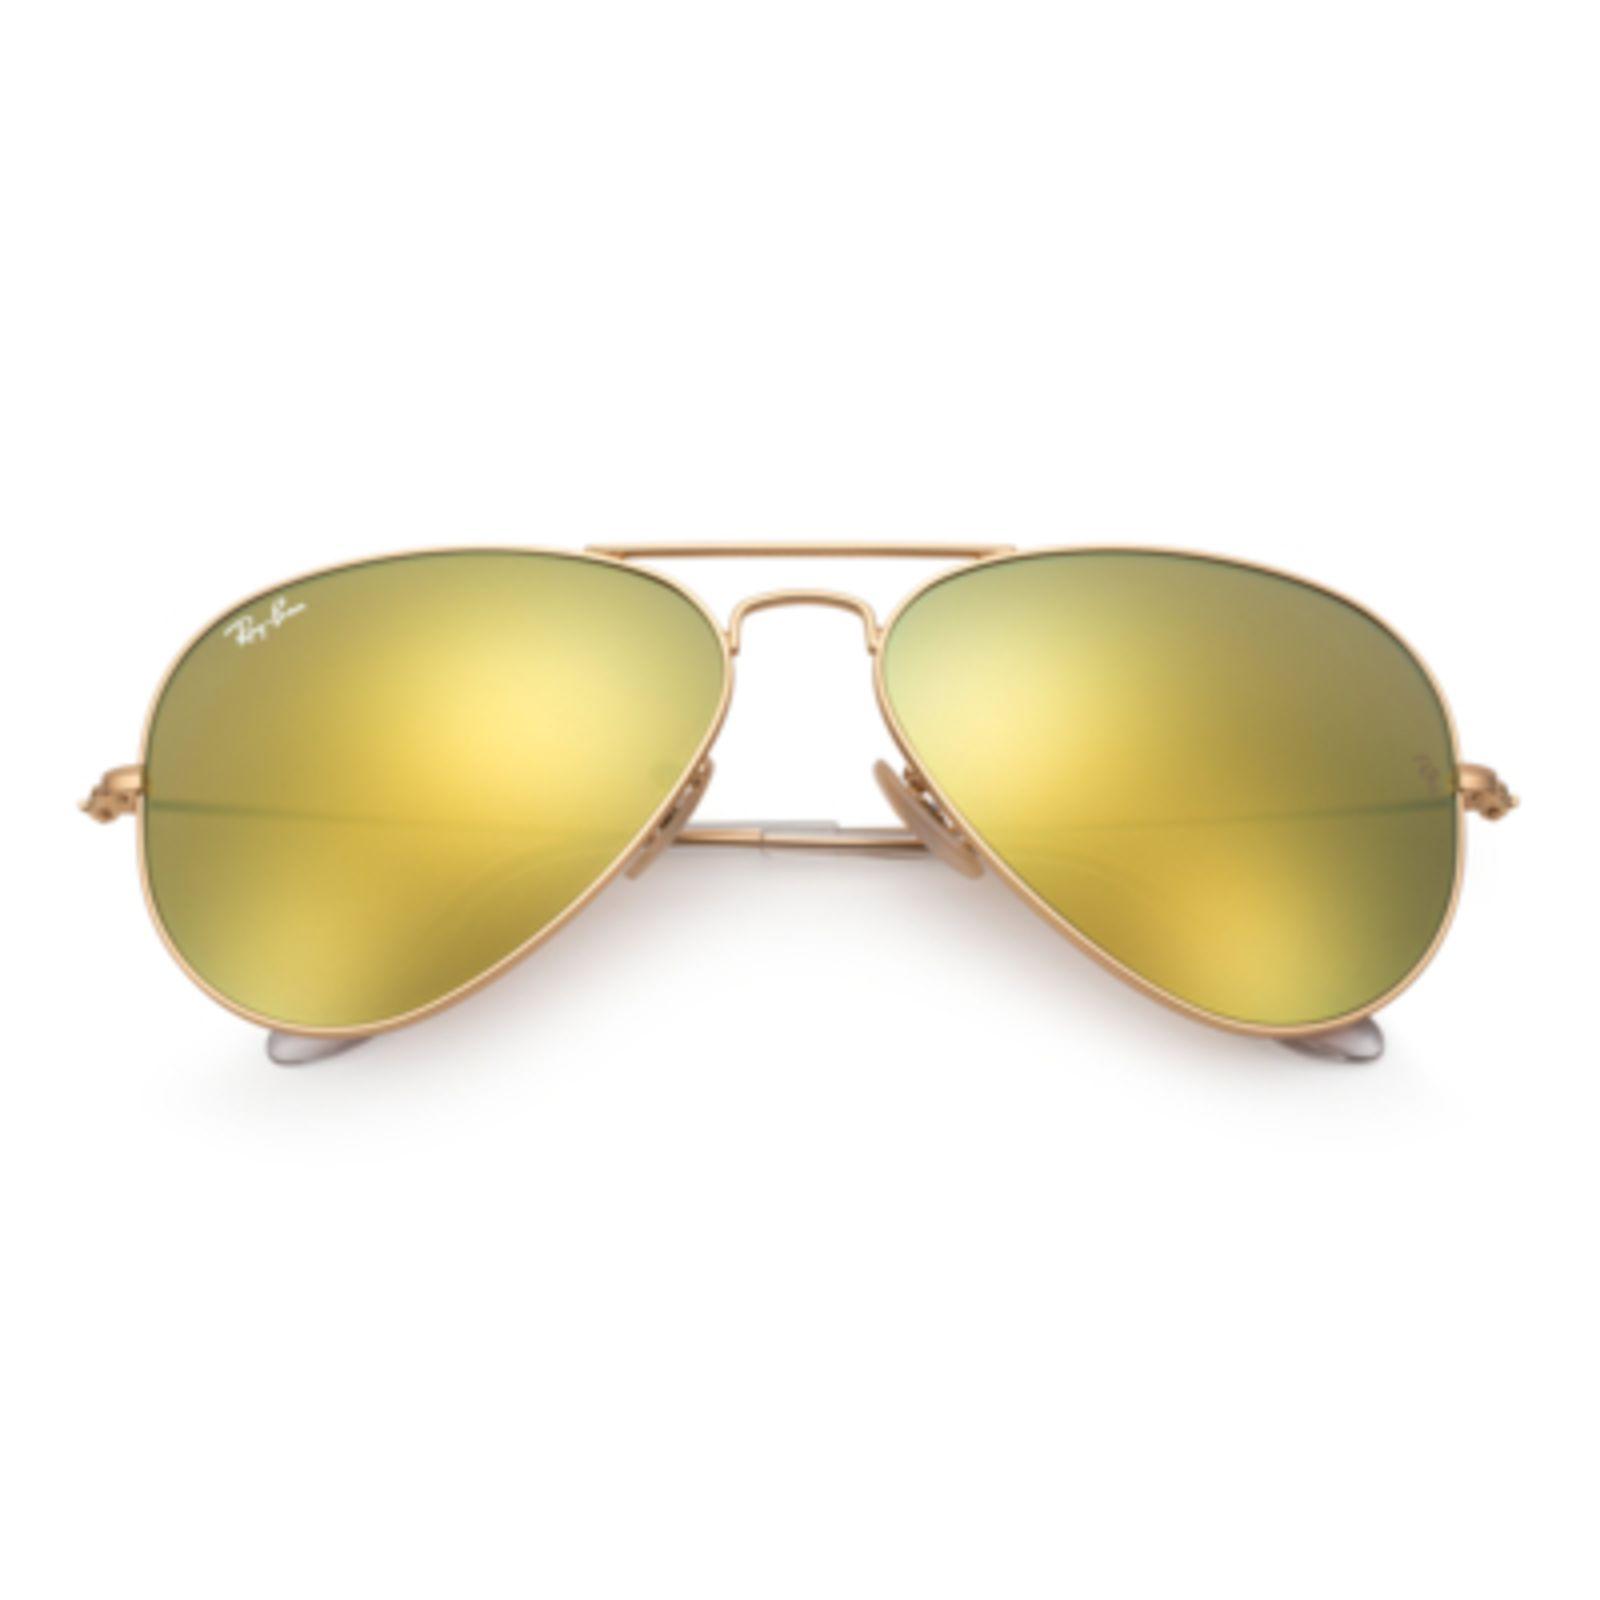 d74ad03e2 Óculos De Sol Ray-Ban Aviator Lentes Espelhadas Ouro   Products ...